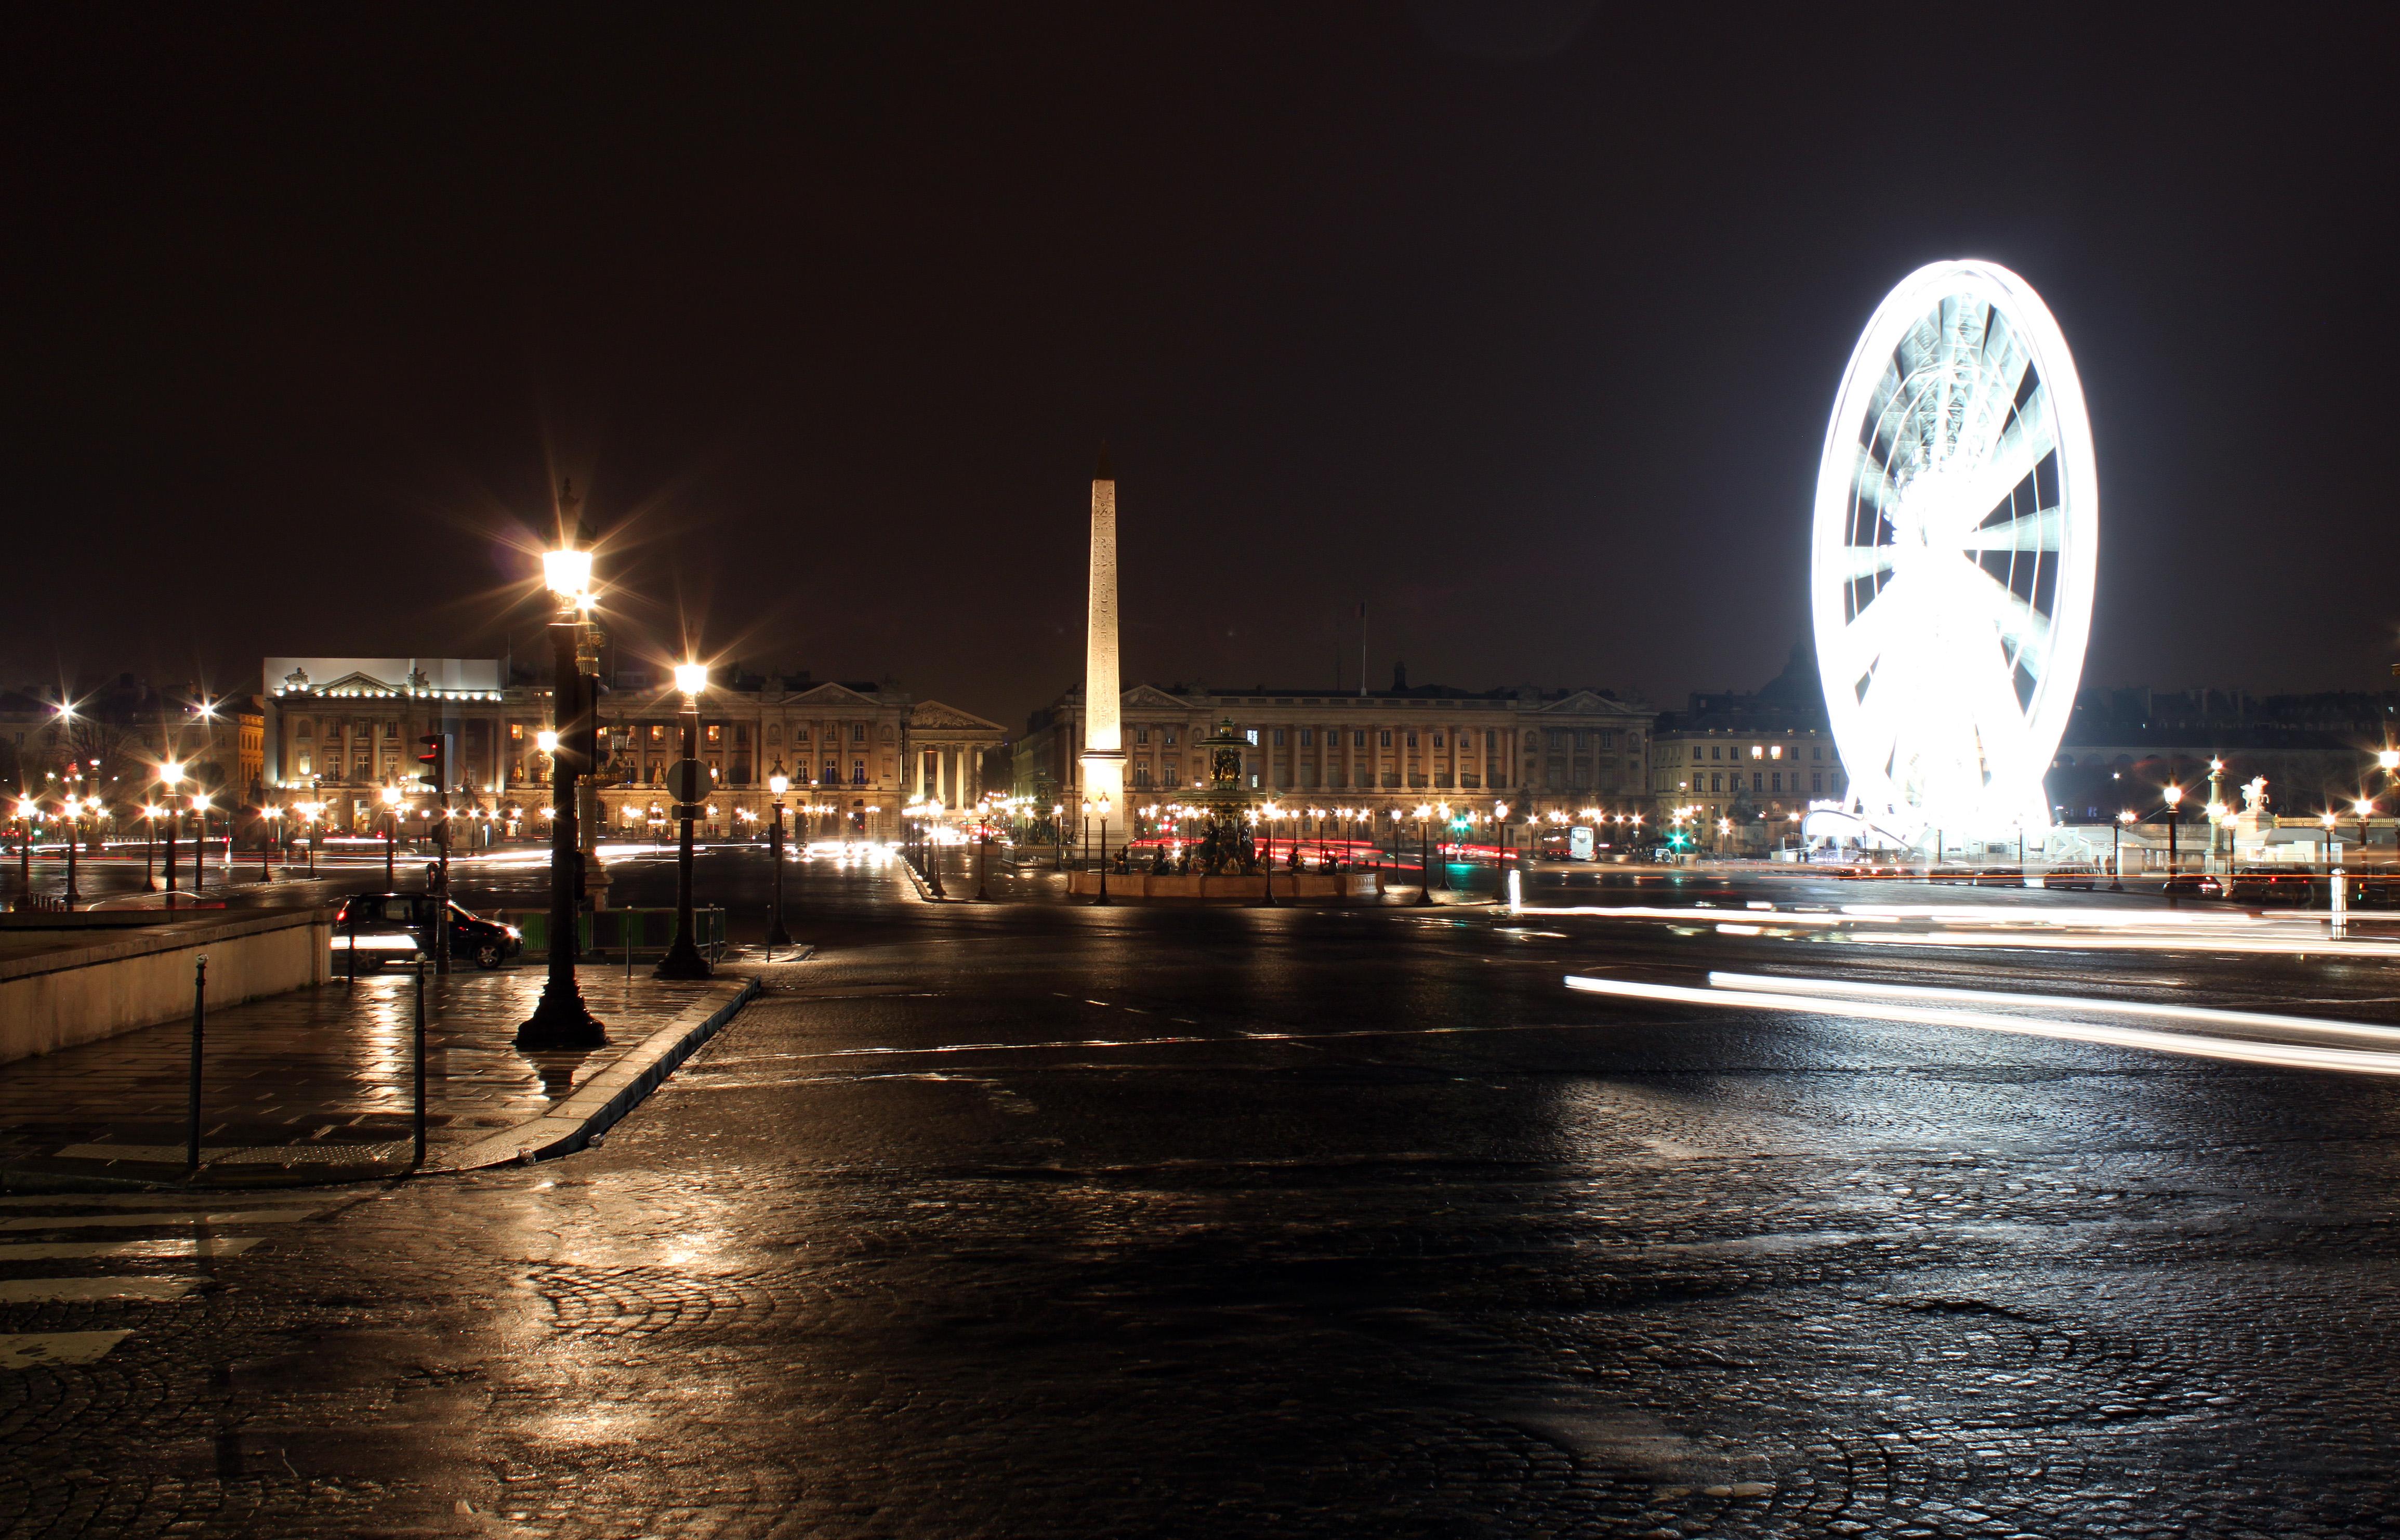 Place de la concorde by night.jpg